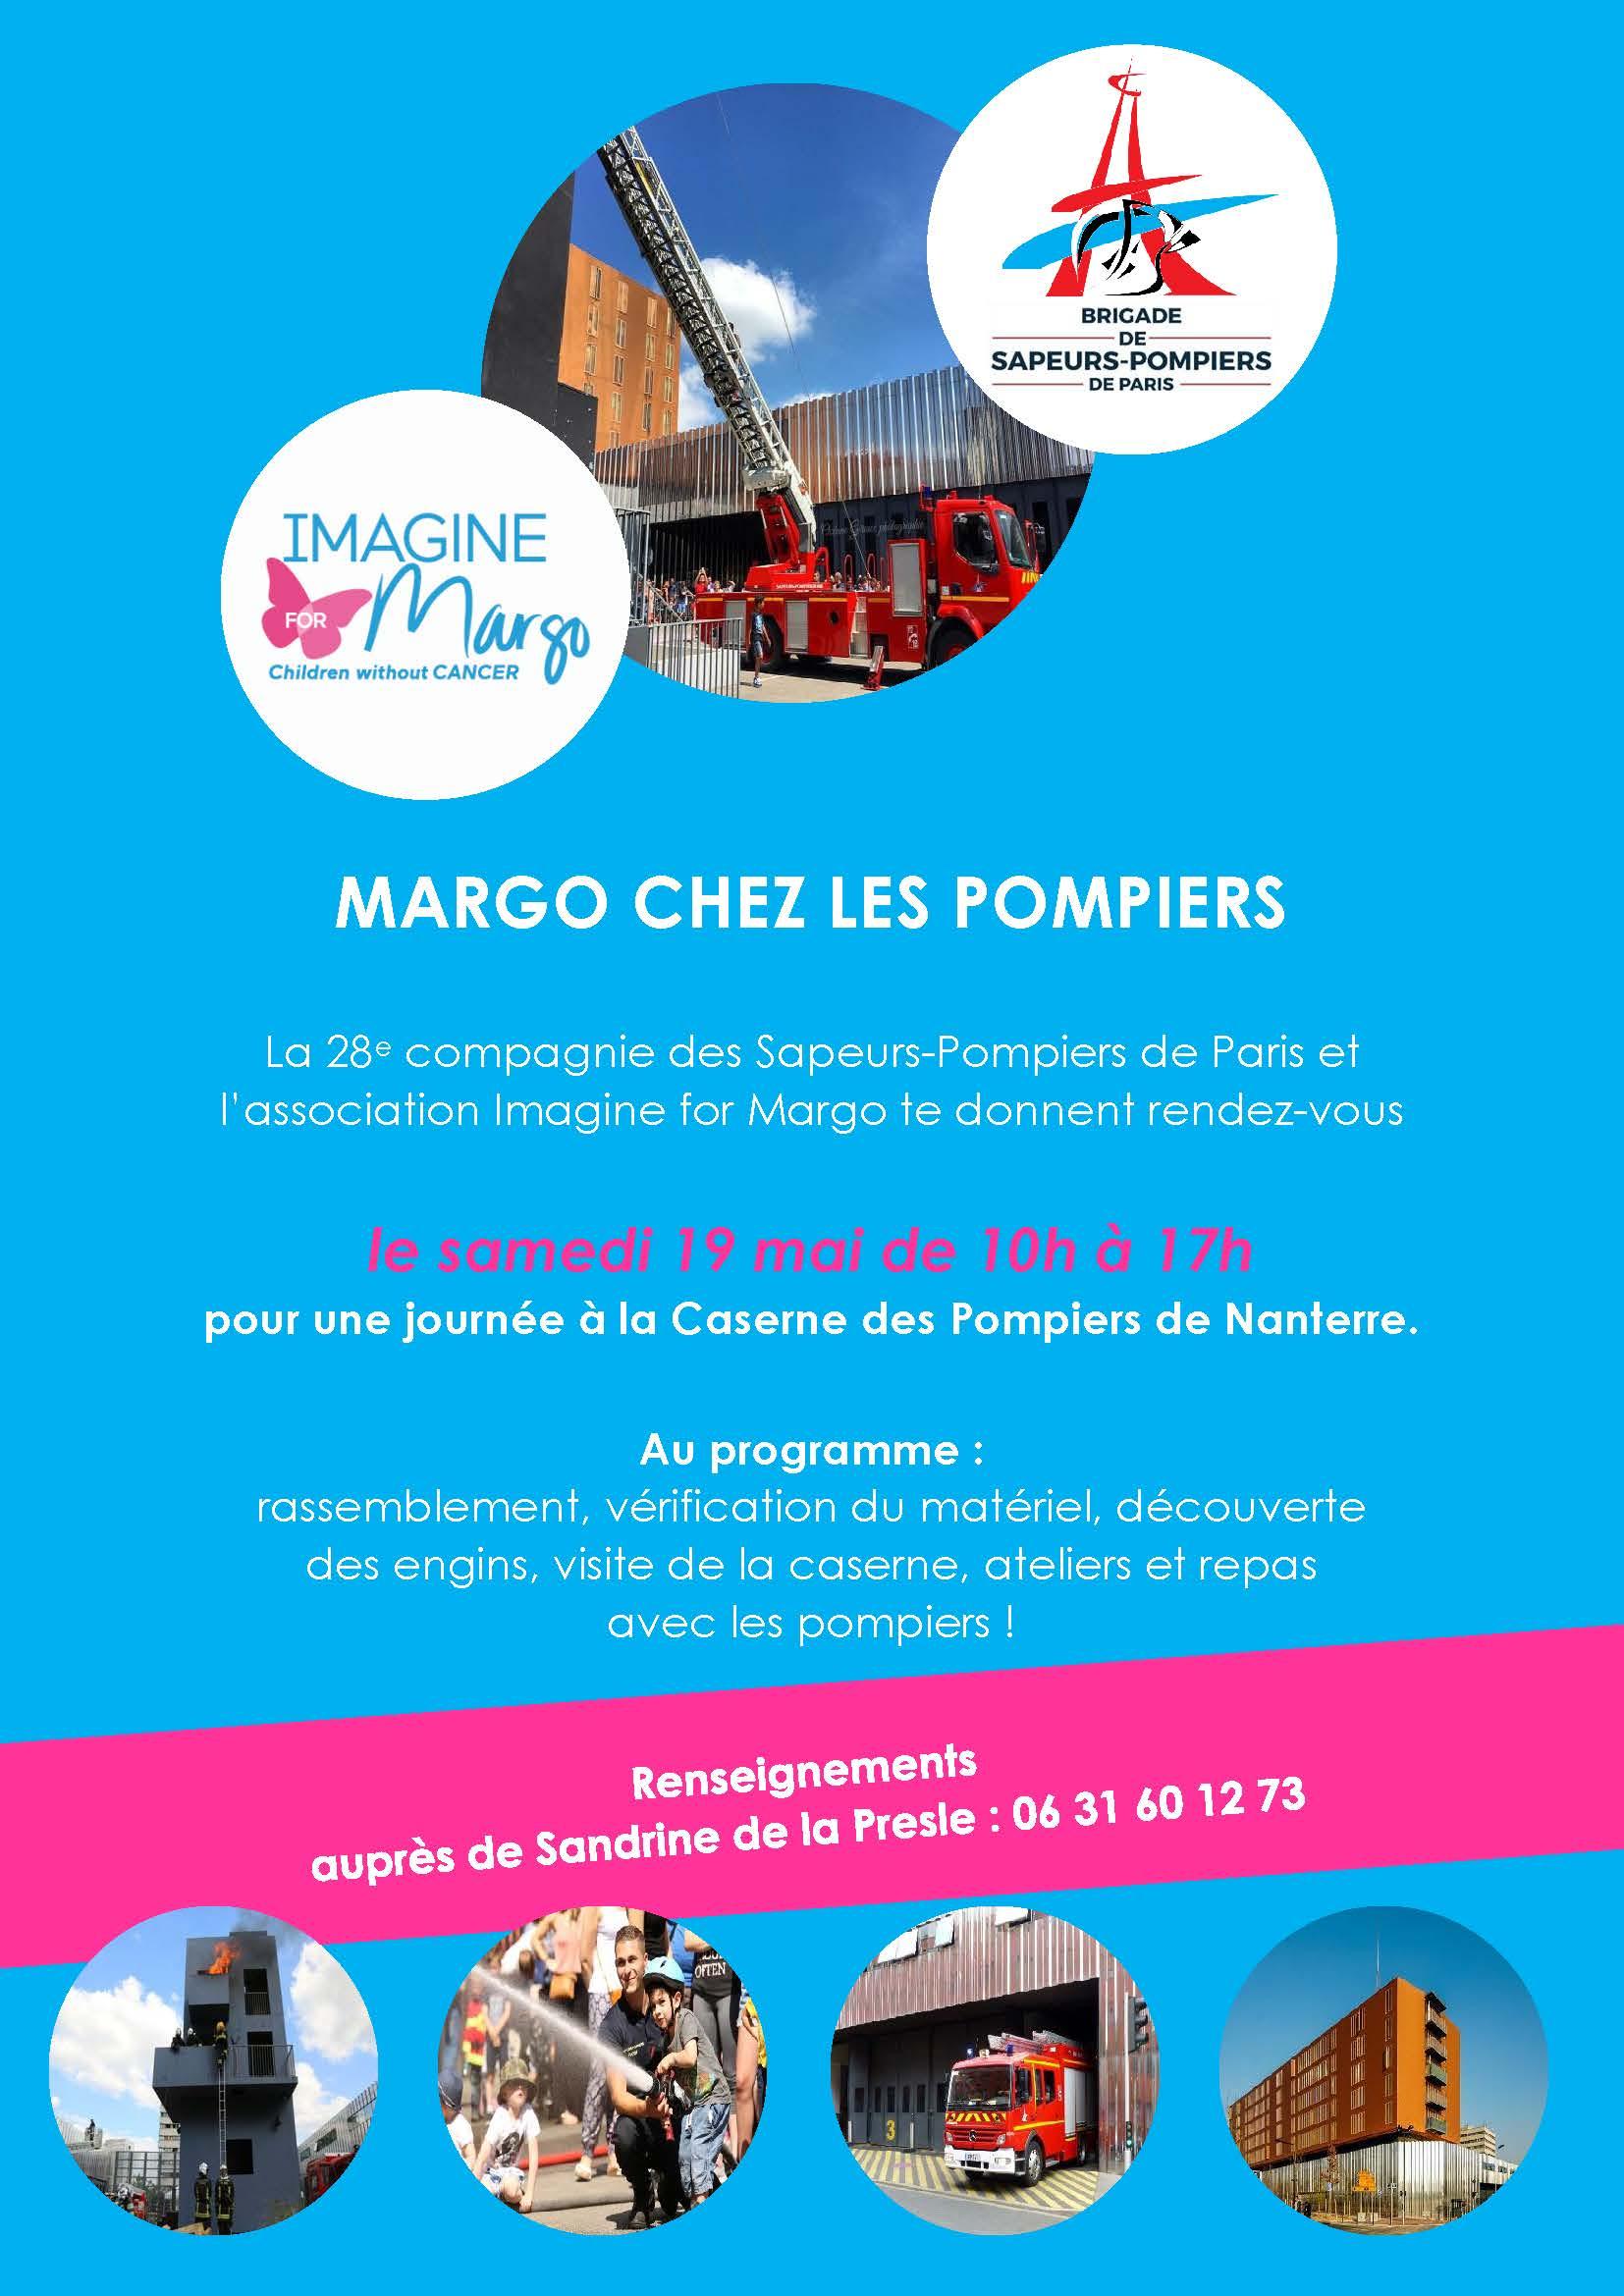 MARGO CHEZ LES POMPIERS